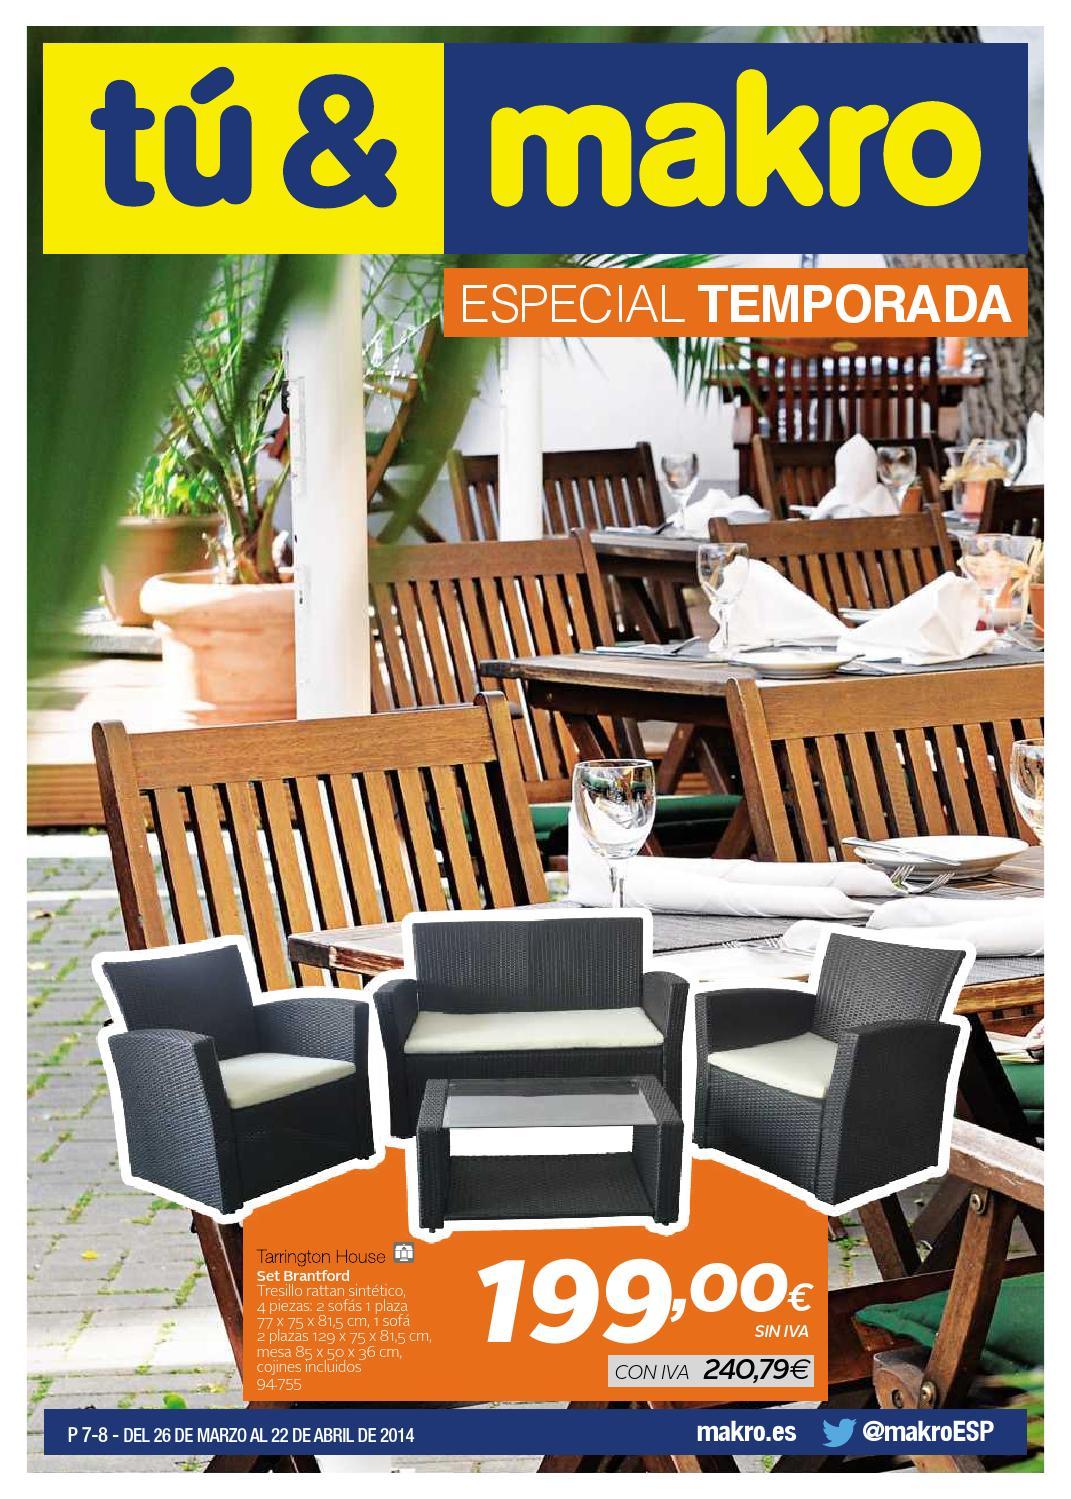 Makro espana ofertas especial temporada peninsula by for Ofertas mobiliario jardin